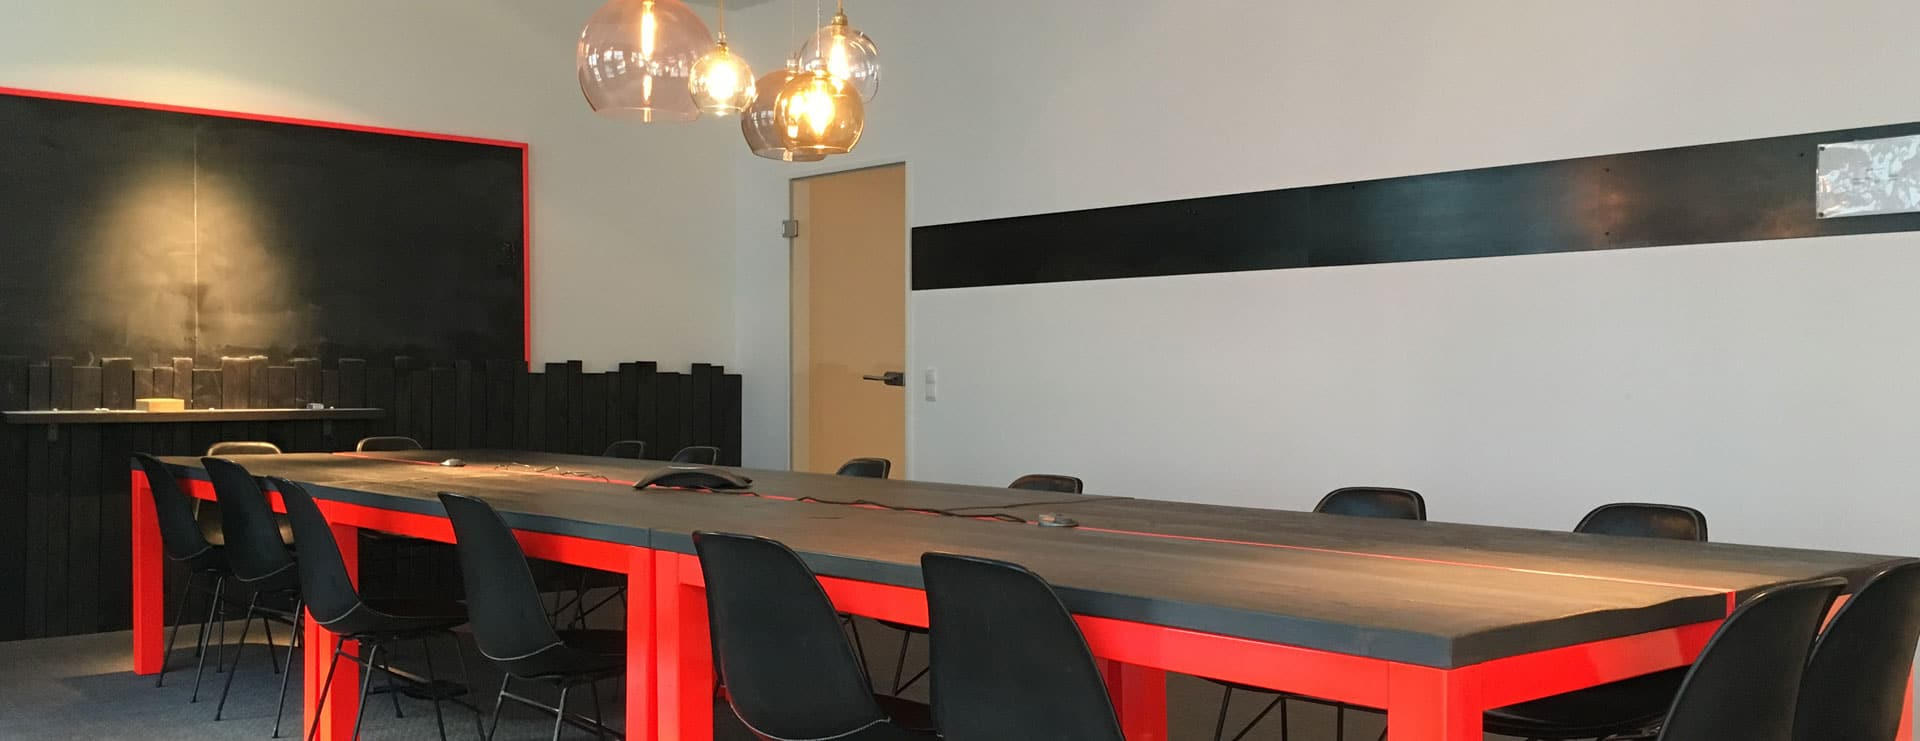 Brand-it office conference room Brand.it GmbH Büro Räumlichkeiten Konferenzraum